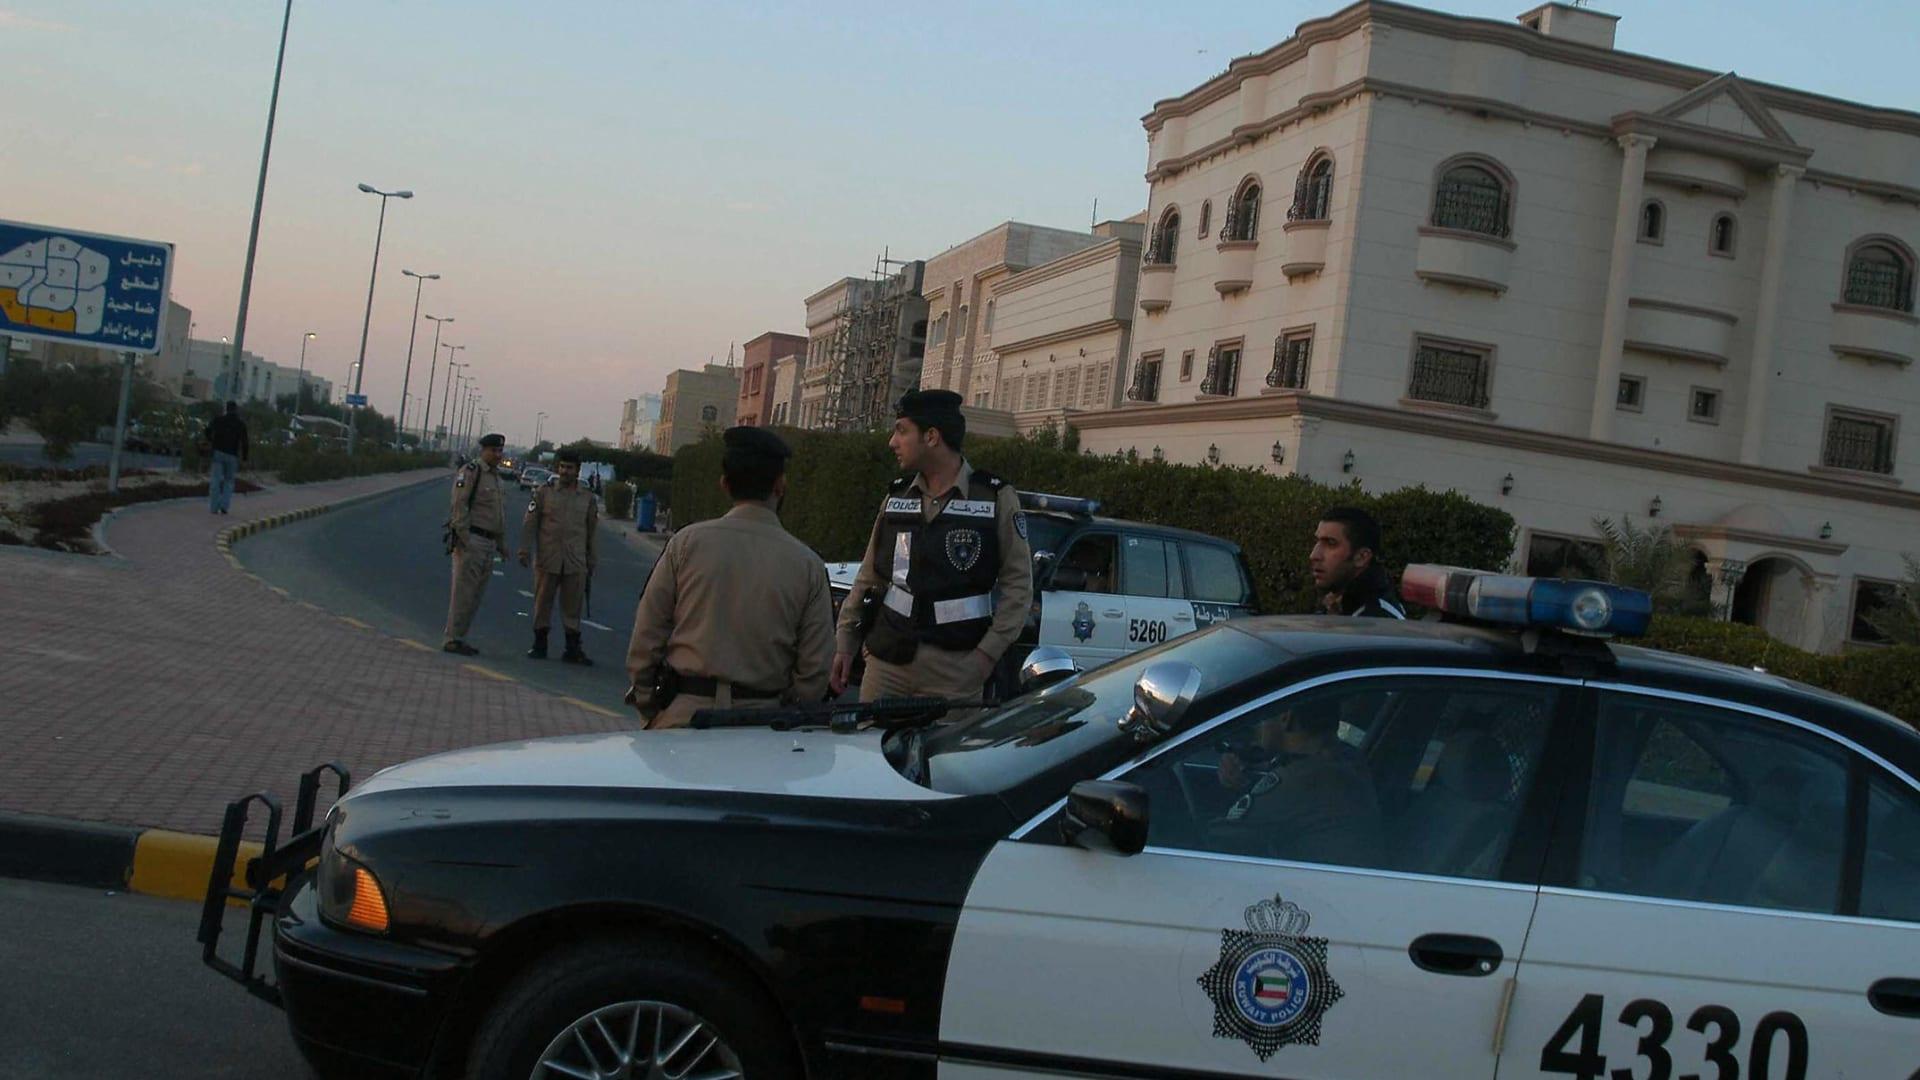 """ما معنى ضبط """"خلية إخوانية"""" في الكويت وسبب وصفها بالإرهابية؟ باحث كويتي يوضح"""